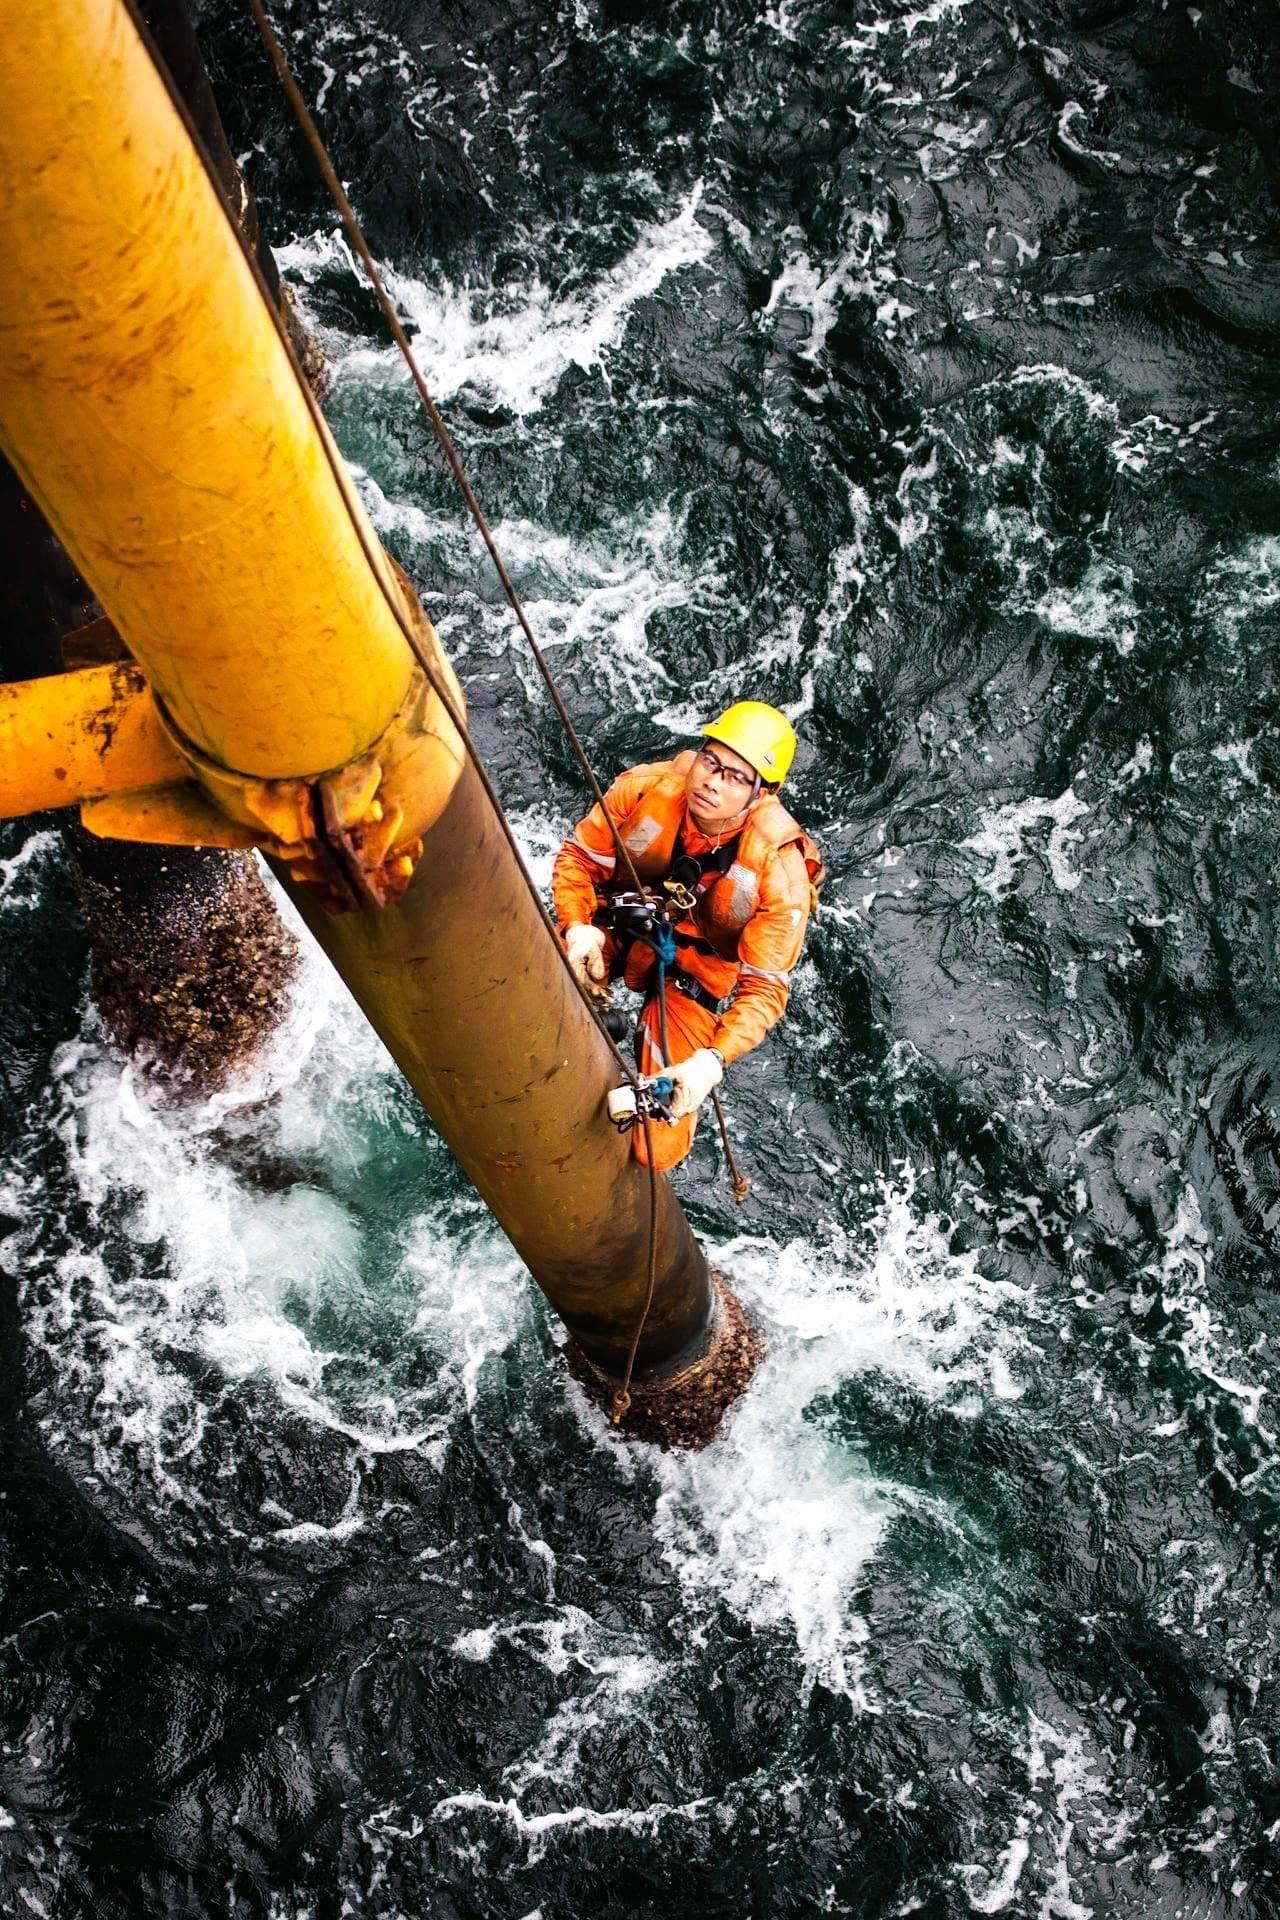 Dự báo giá dầu: Vẫn tồn tại các yếu tố tích cực không để giá dầu giảm sâu